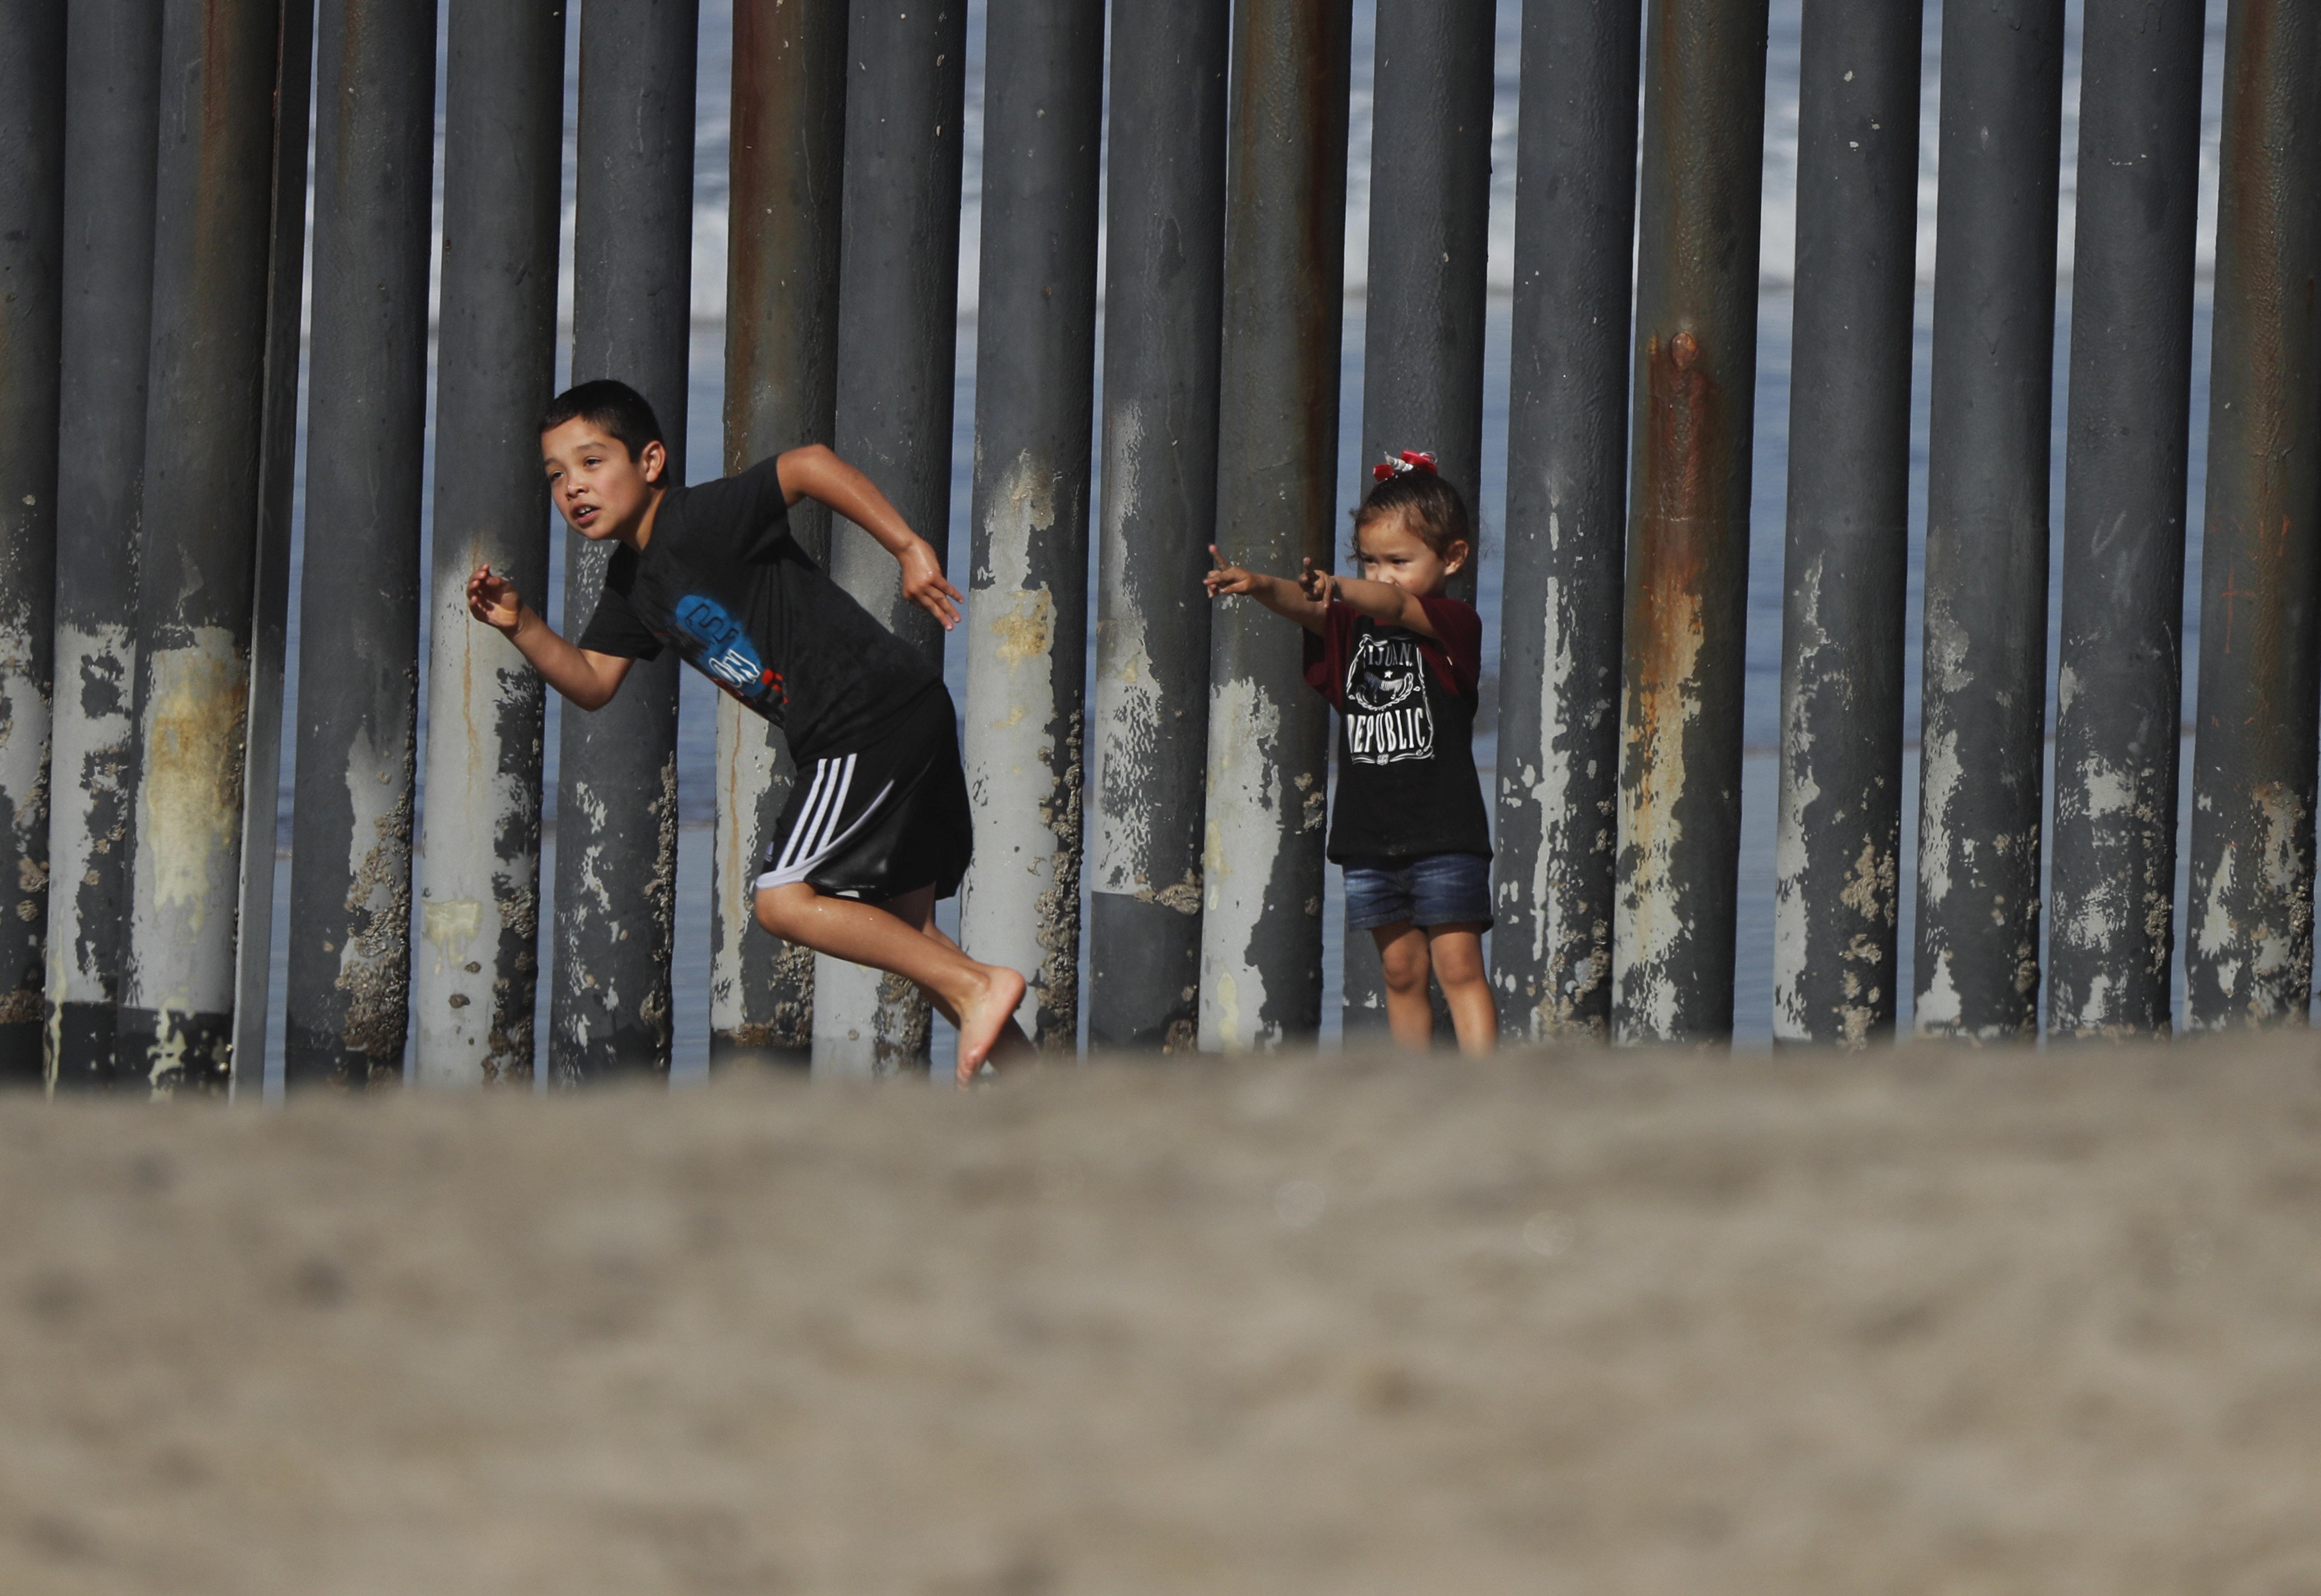 Τρεις εβδομάδες στα αμερικανικά σύνορα. Ένας πολεμικός ανταποκριτής καταγράφει το τραύμα των μεταναστών και όσων προσπαθούν ν...